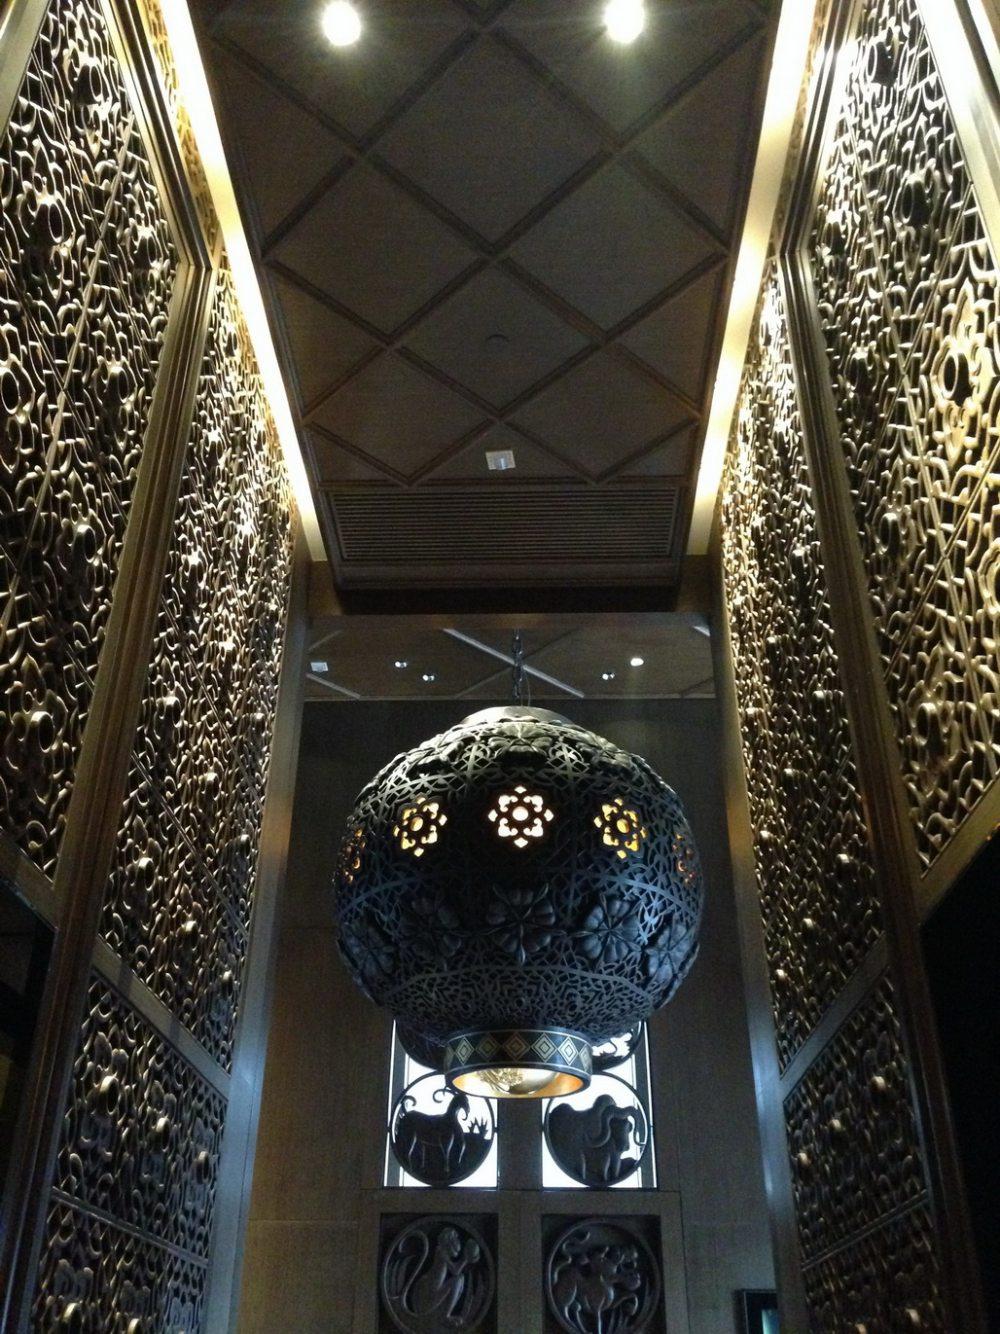 香港湾仔美丽华精品酒店Mira Moon Hotel  自拍分享_IMG_4127.JPG